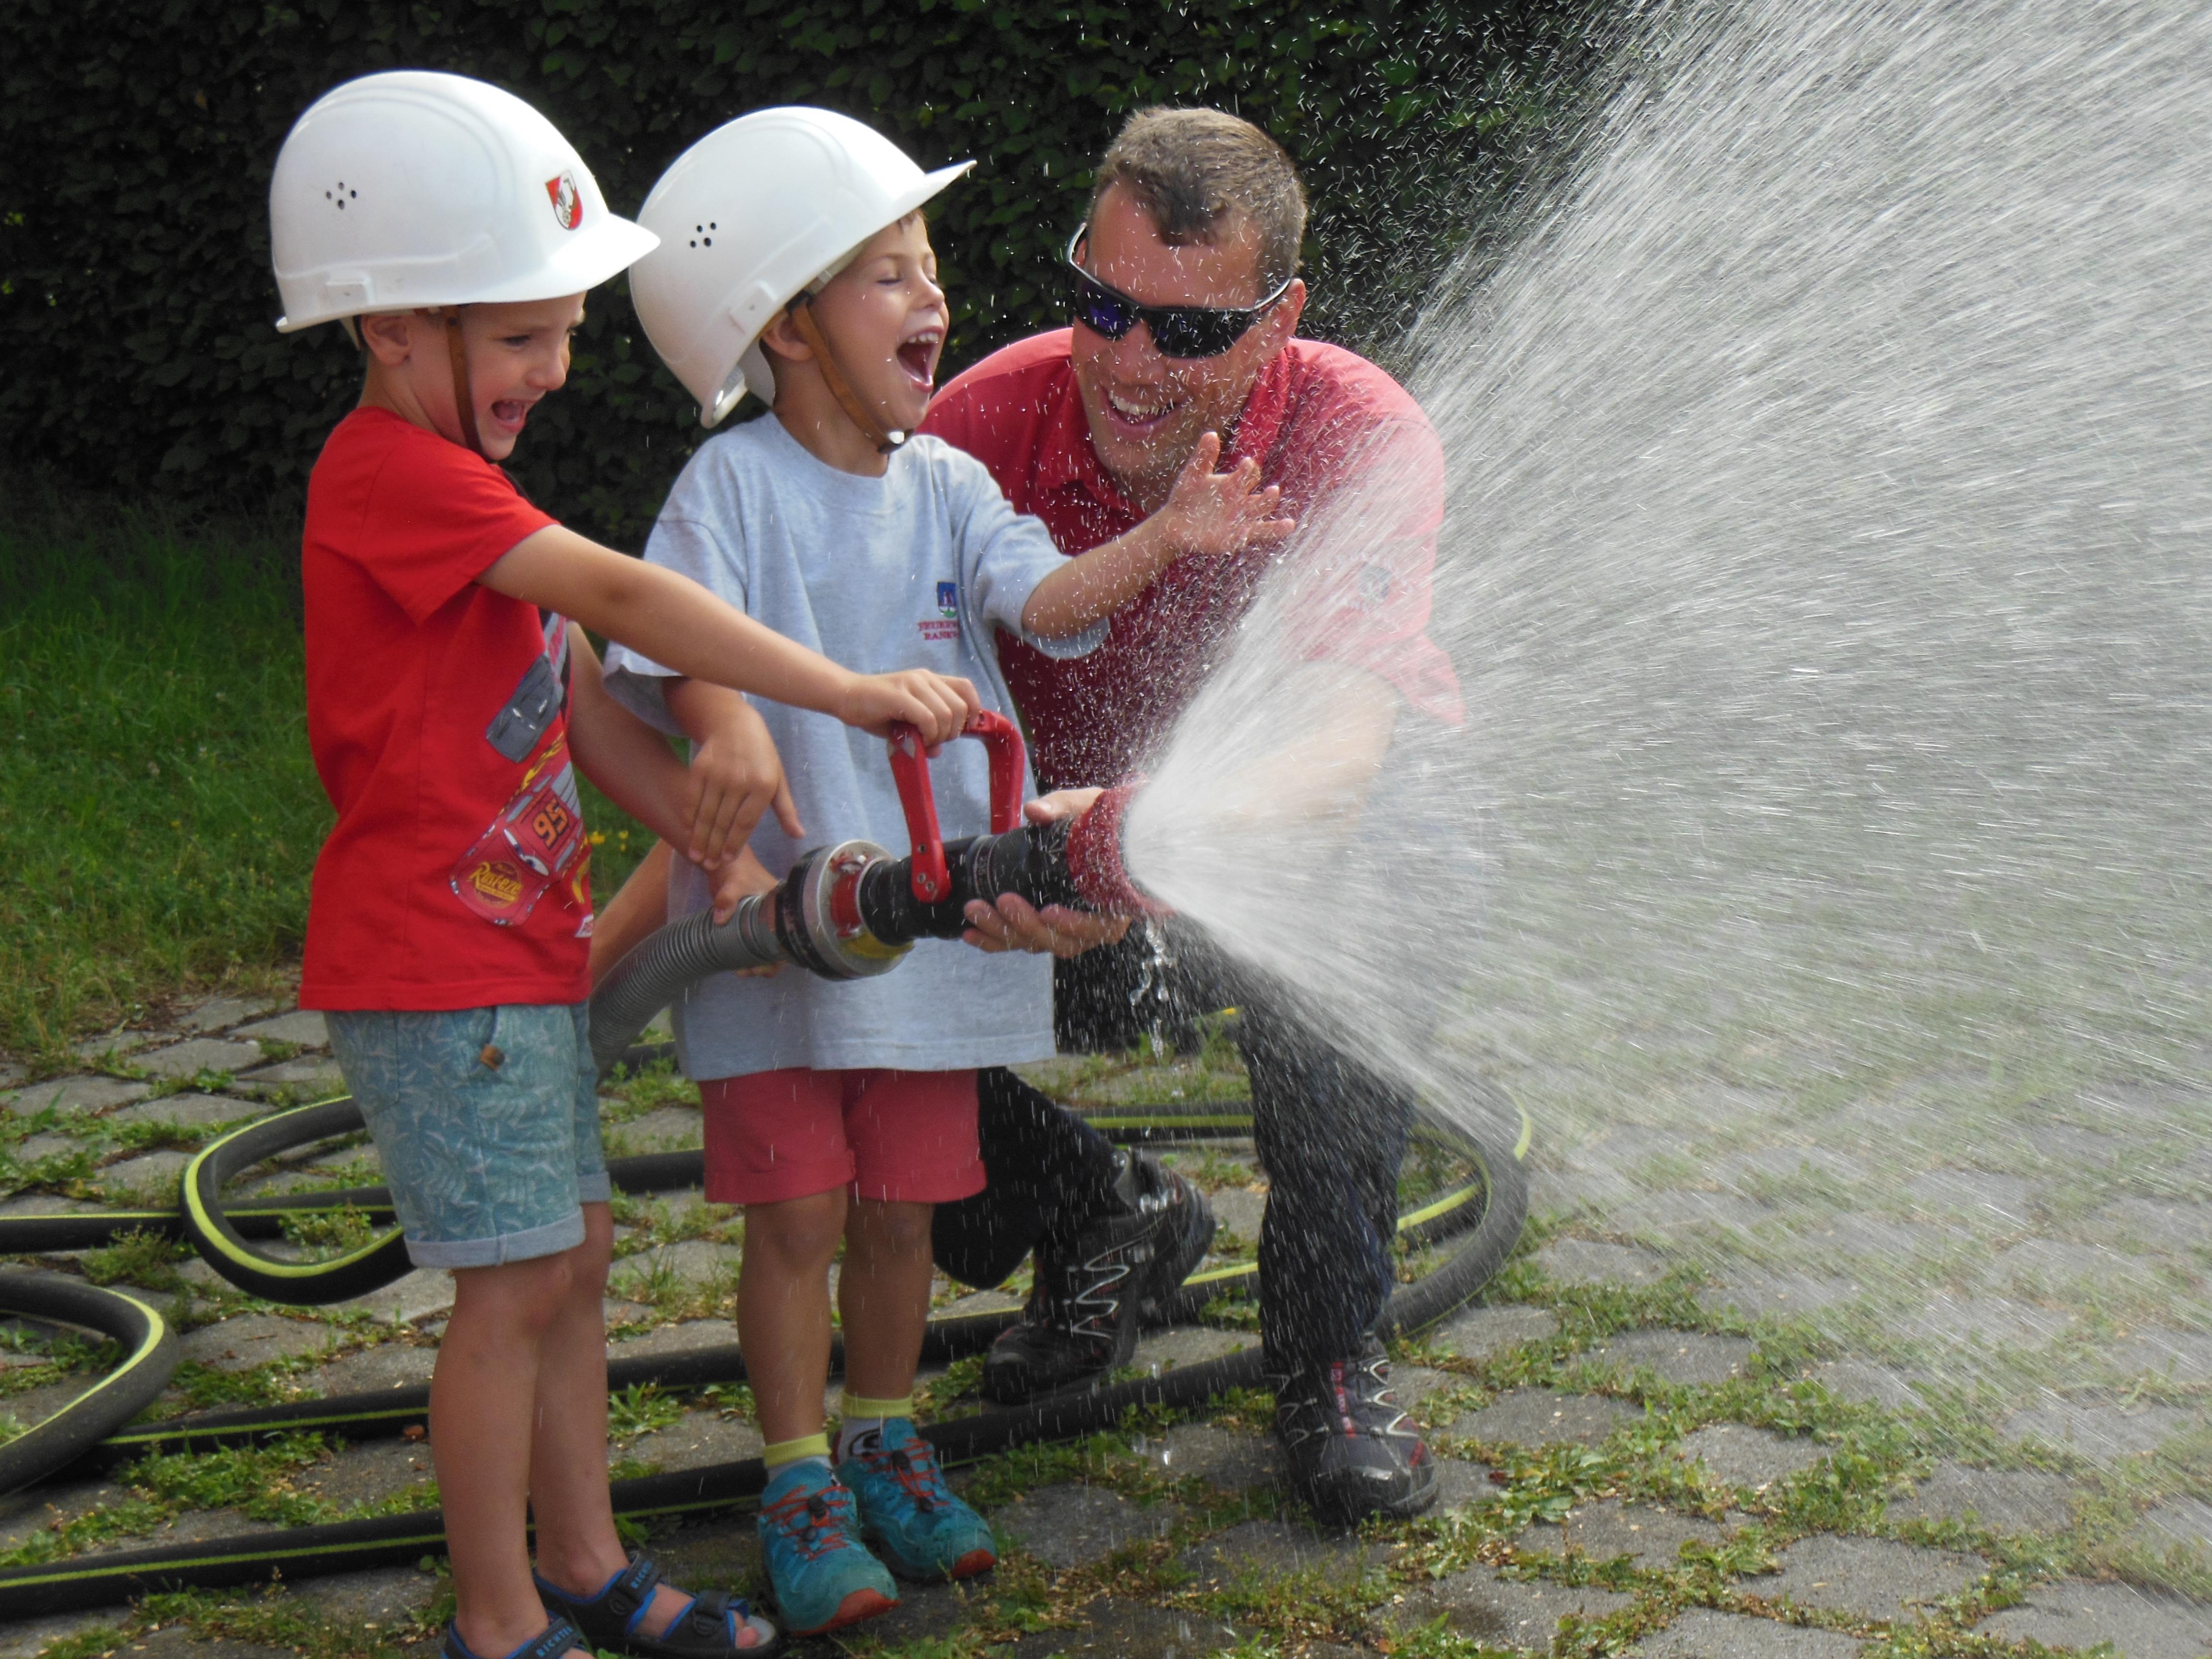 FeuerwehrKGMarkt01 (1).jpg